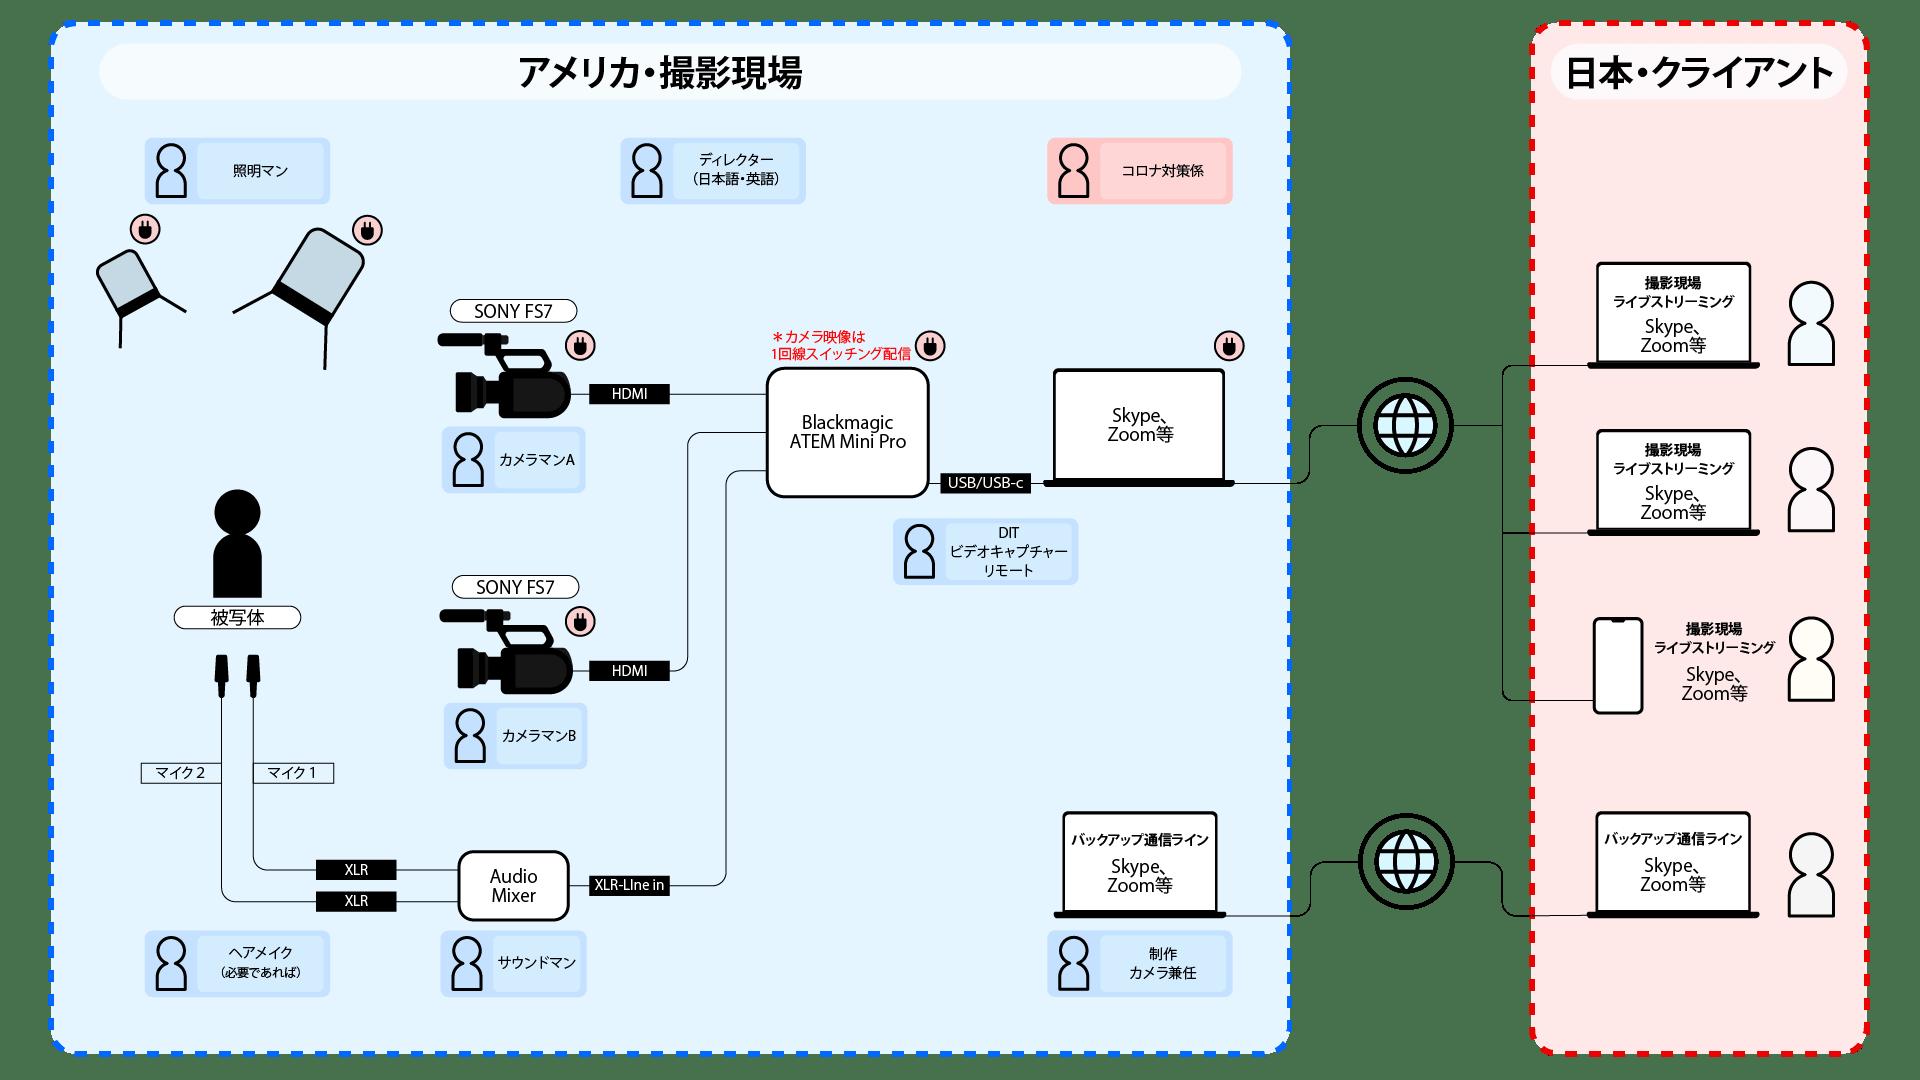 スイッチャーでカメラ映像をパソコンに取り入れてリモート撮影をする時の回線図